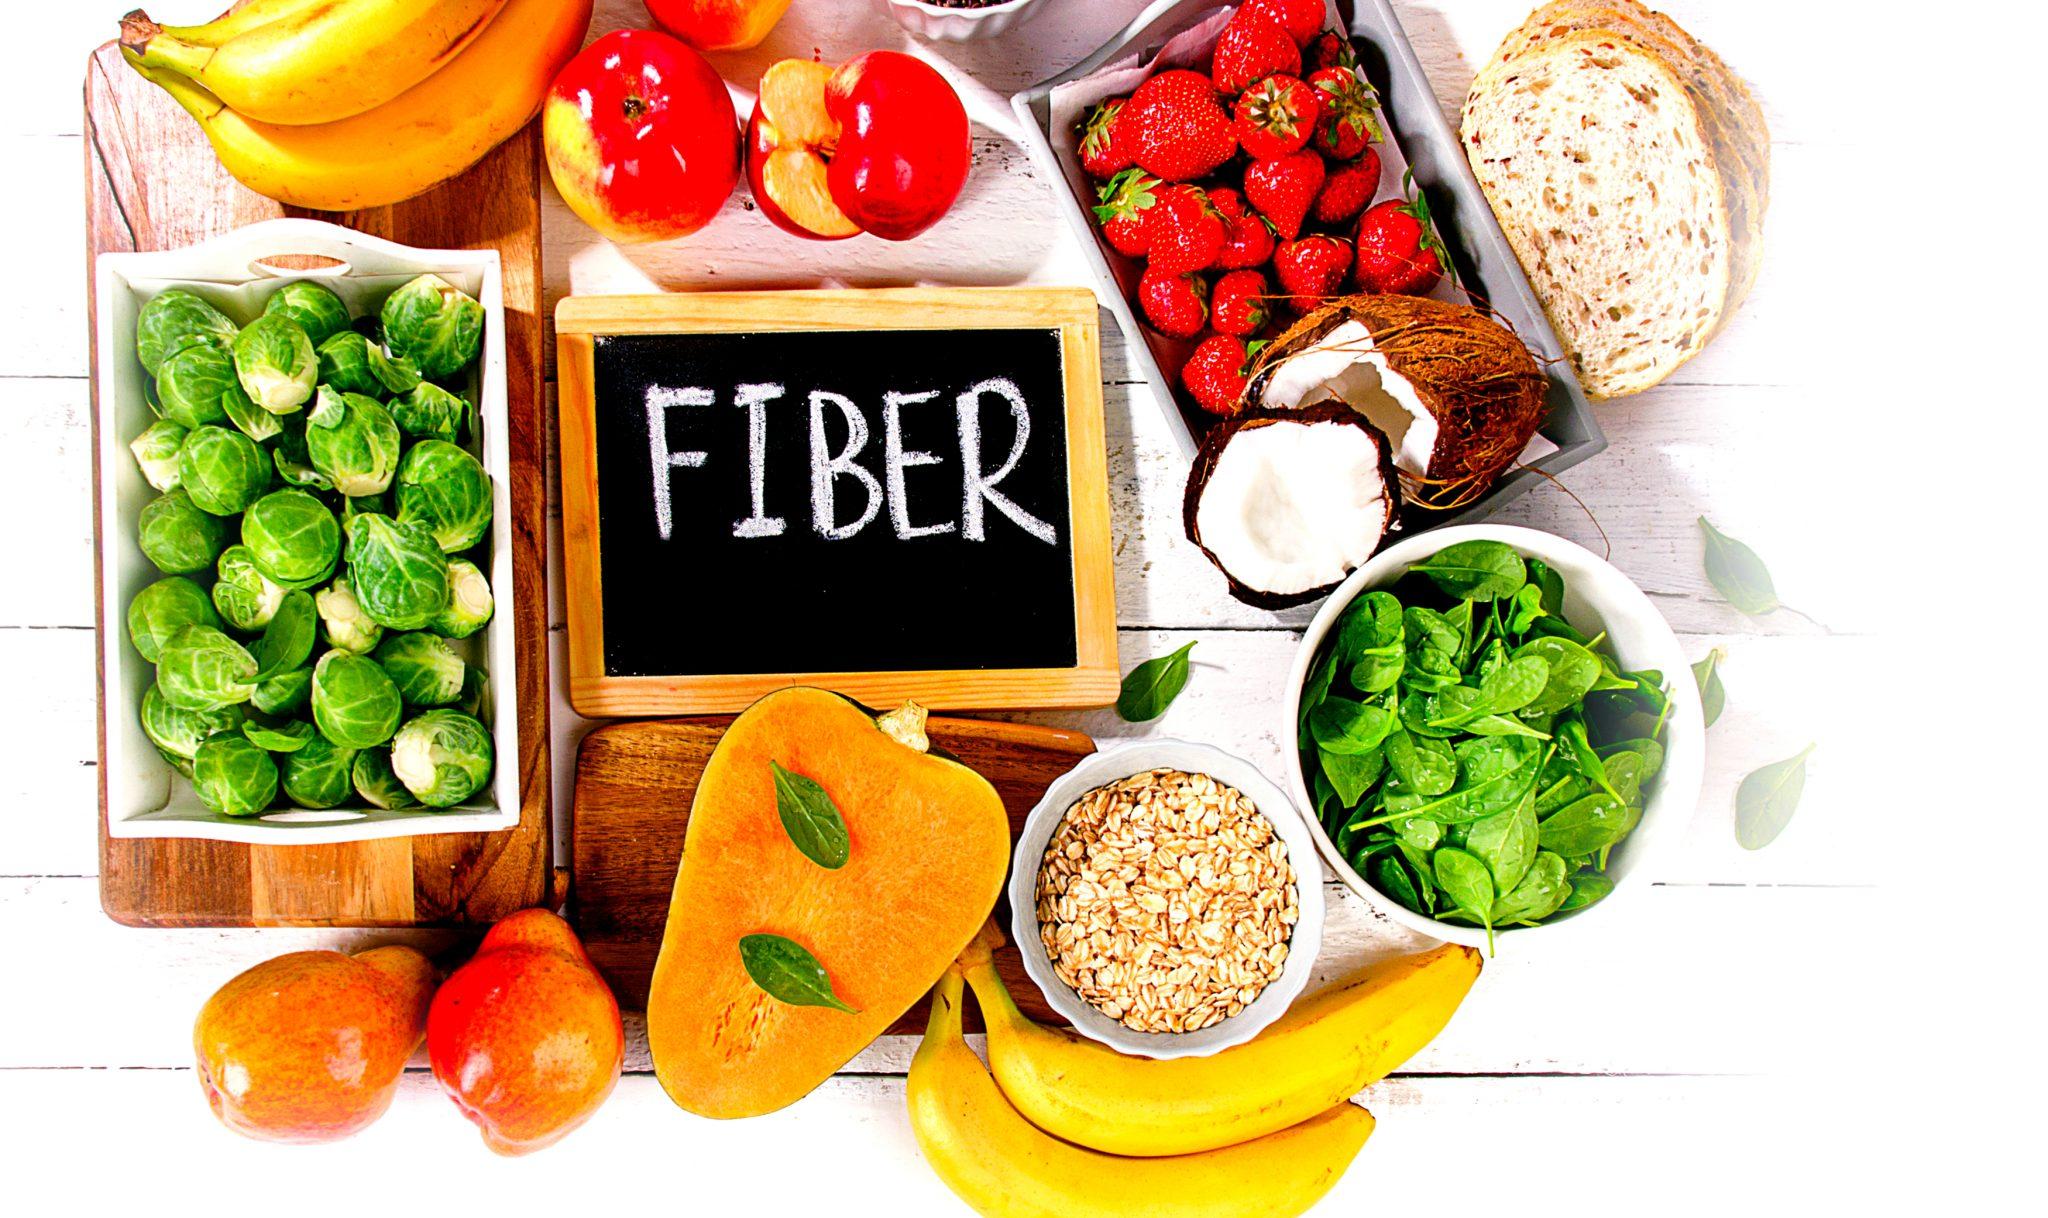 食物繊維の食べ物の図